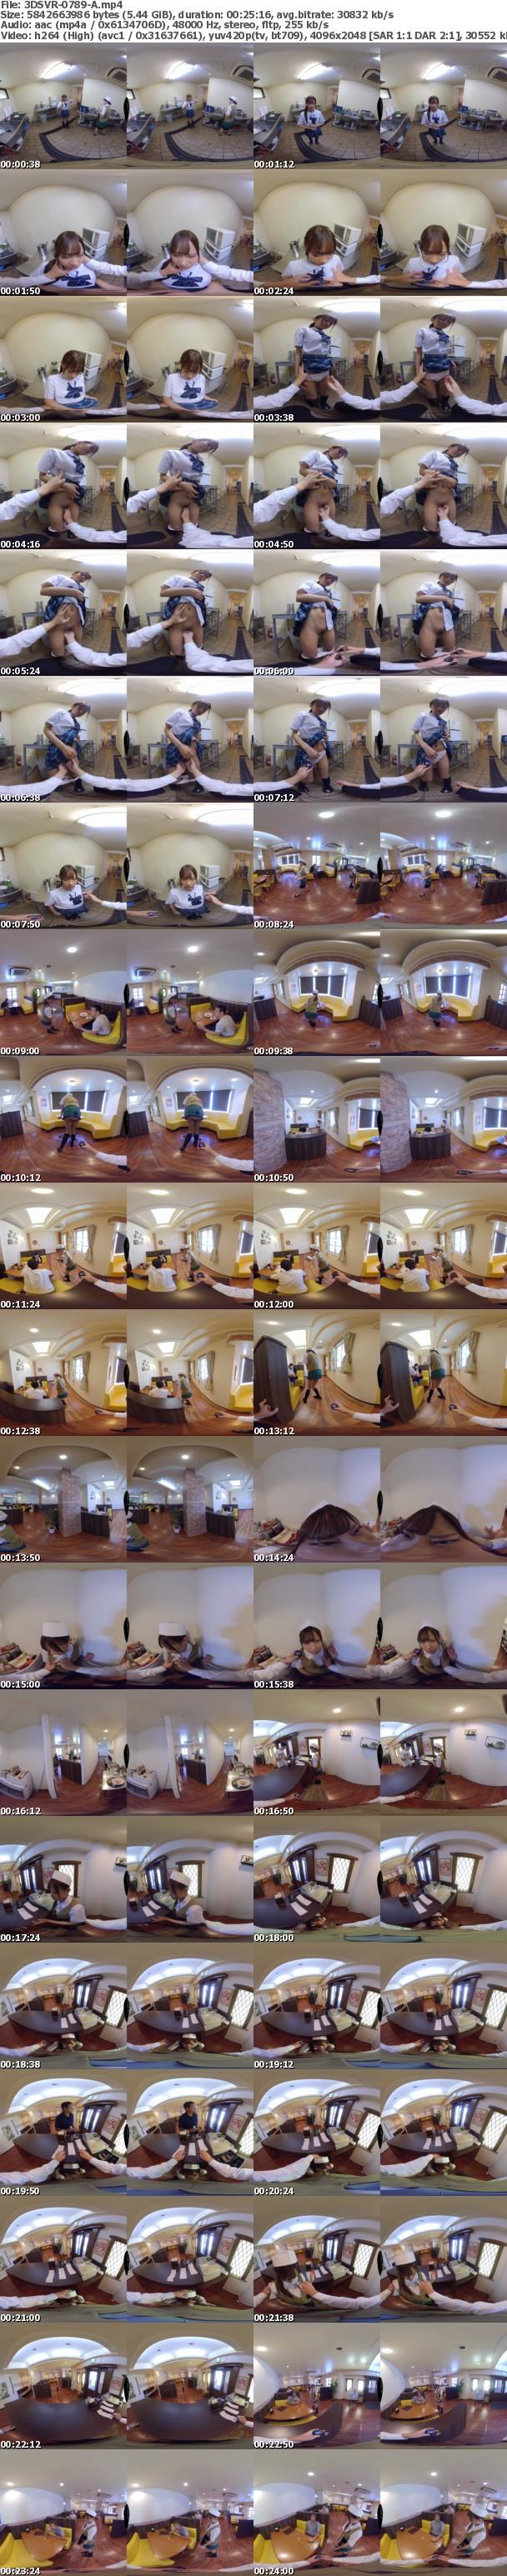 (VR) 3DSVR-0789 ファミレス店長ですが、バイトのJ○にリモバイ仕込んだまま接客させています。 蓮見天